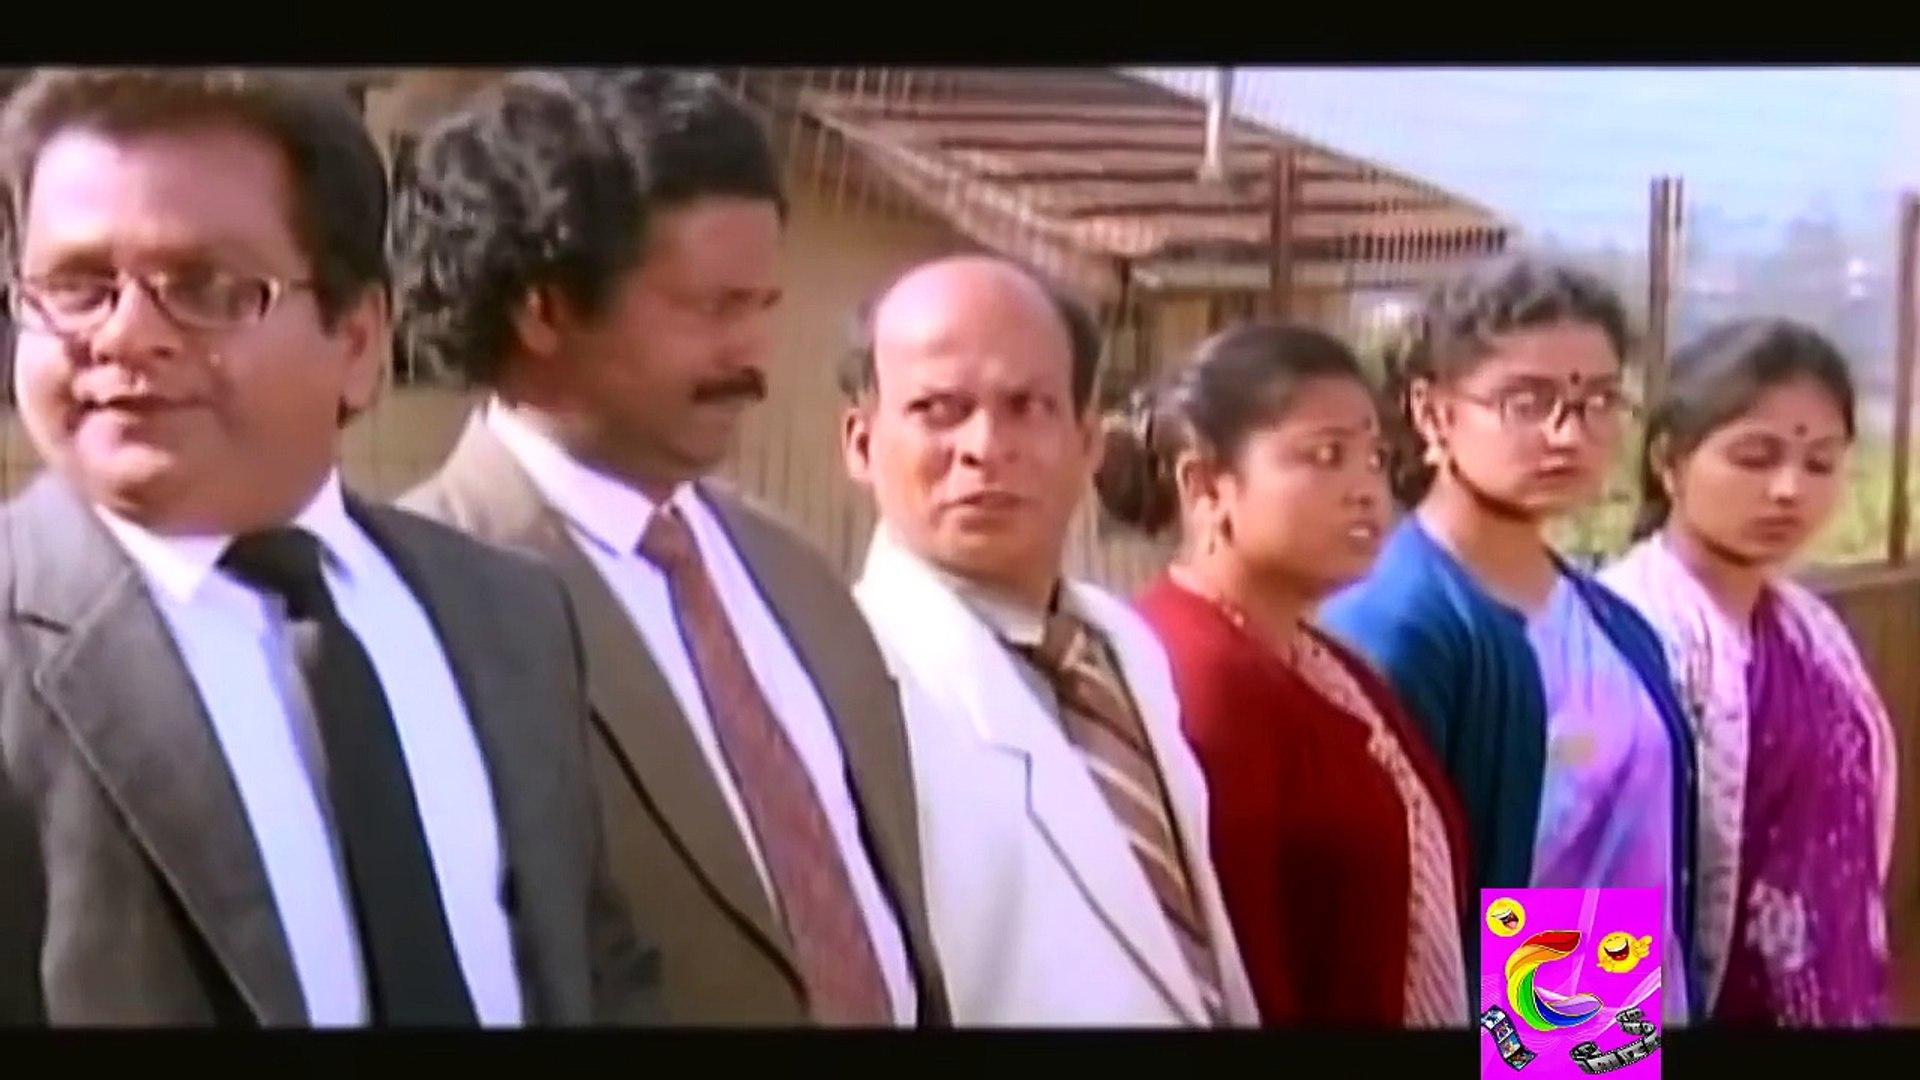 Bhagyaraj Very Funny Comedy Video|Tamil Comedy Scenes|Bhagyaraj Mixing Comedy Scenes|